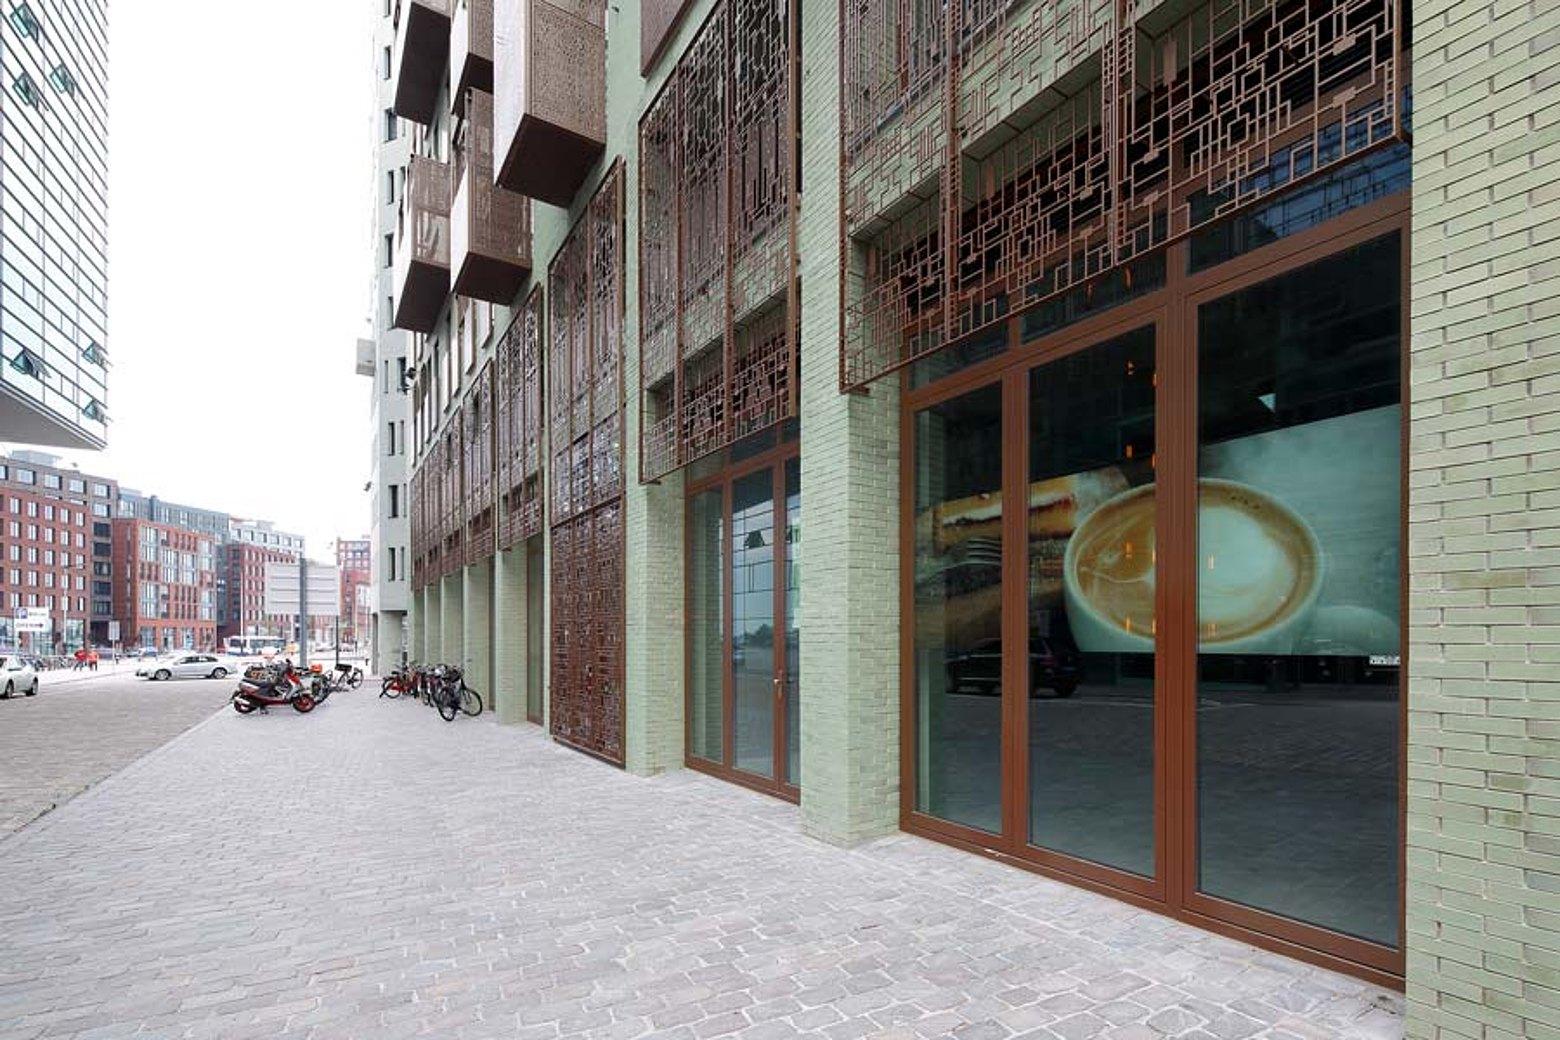 Tür und Verglasung mit Wärmedämmung im Eingangsbereich aus Stahl. Profilsystem: forster unico Iidock Shops und Wohnungen, Amsterdam